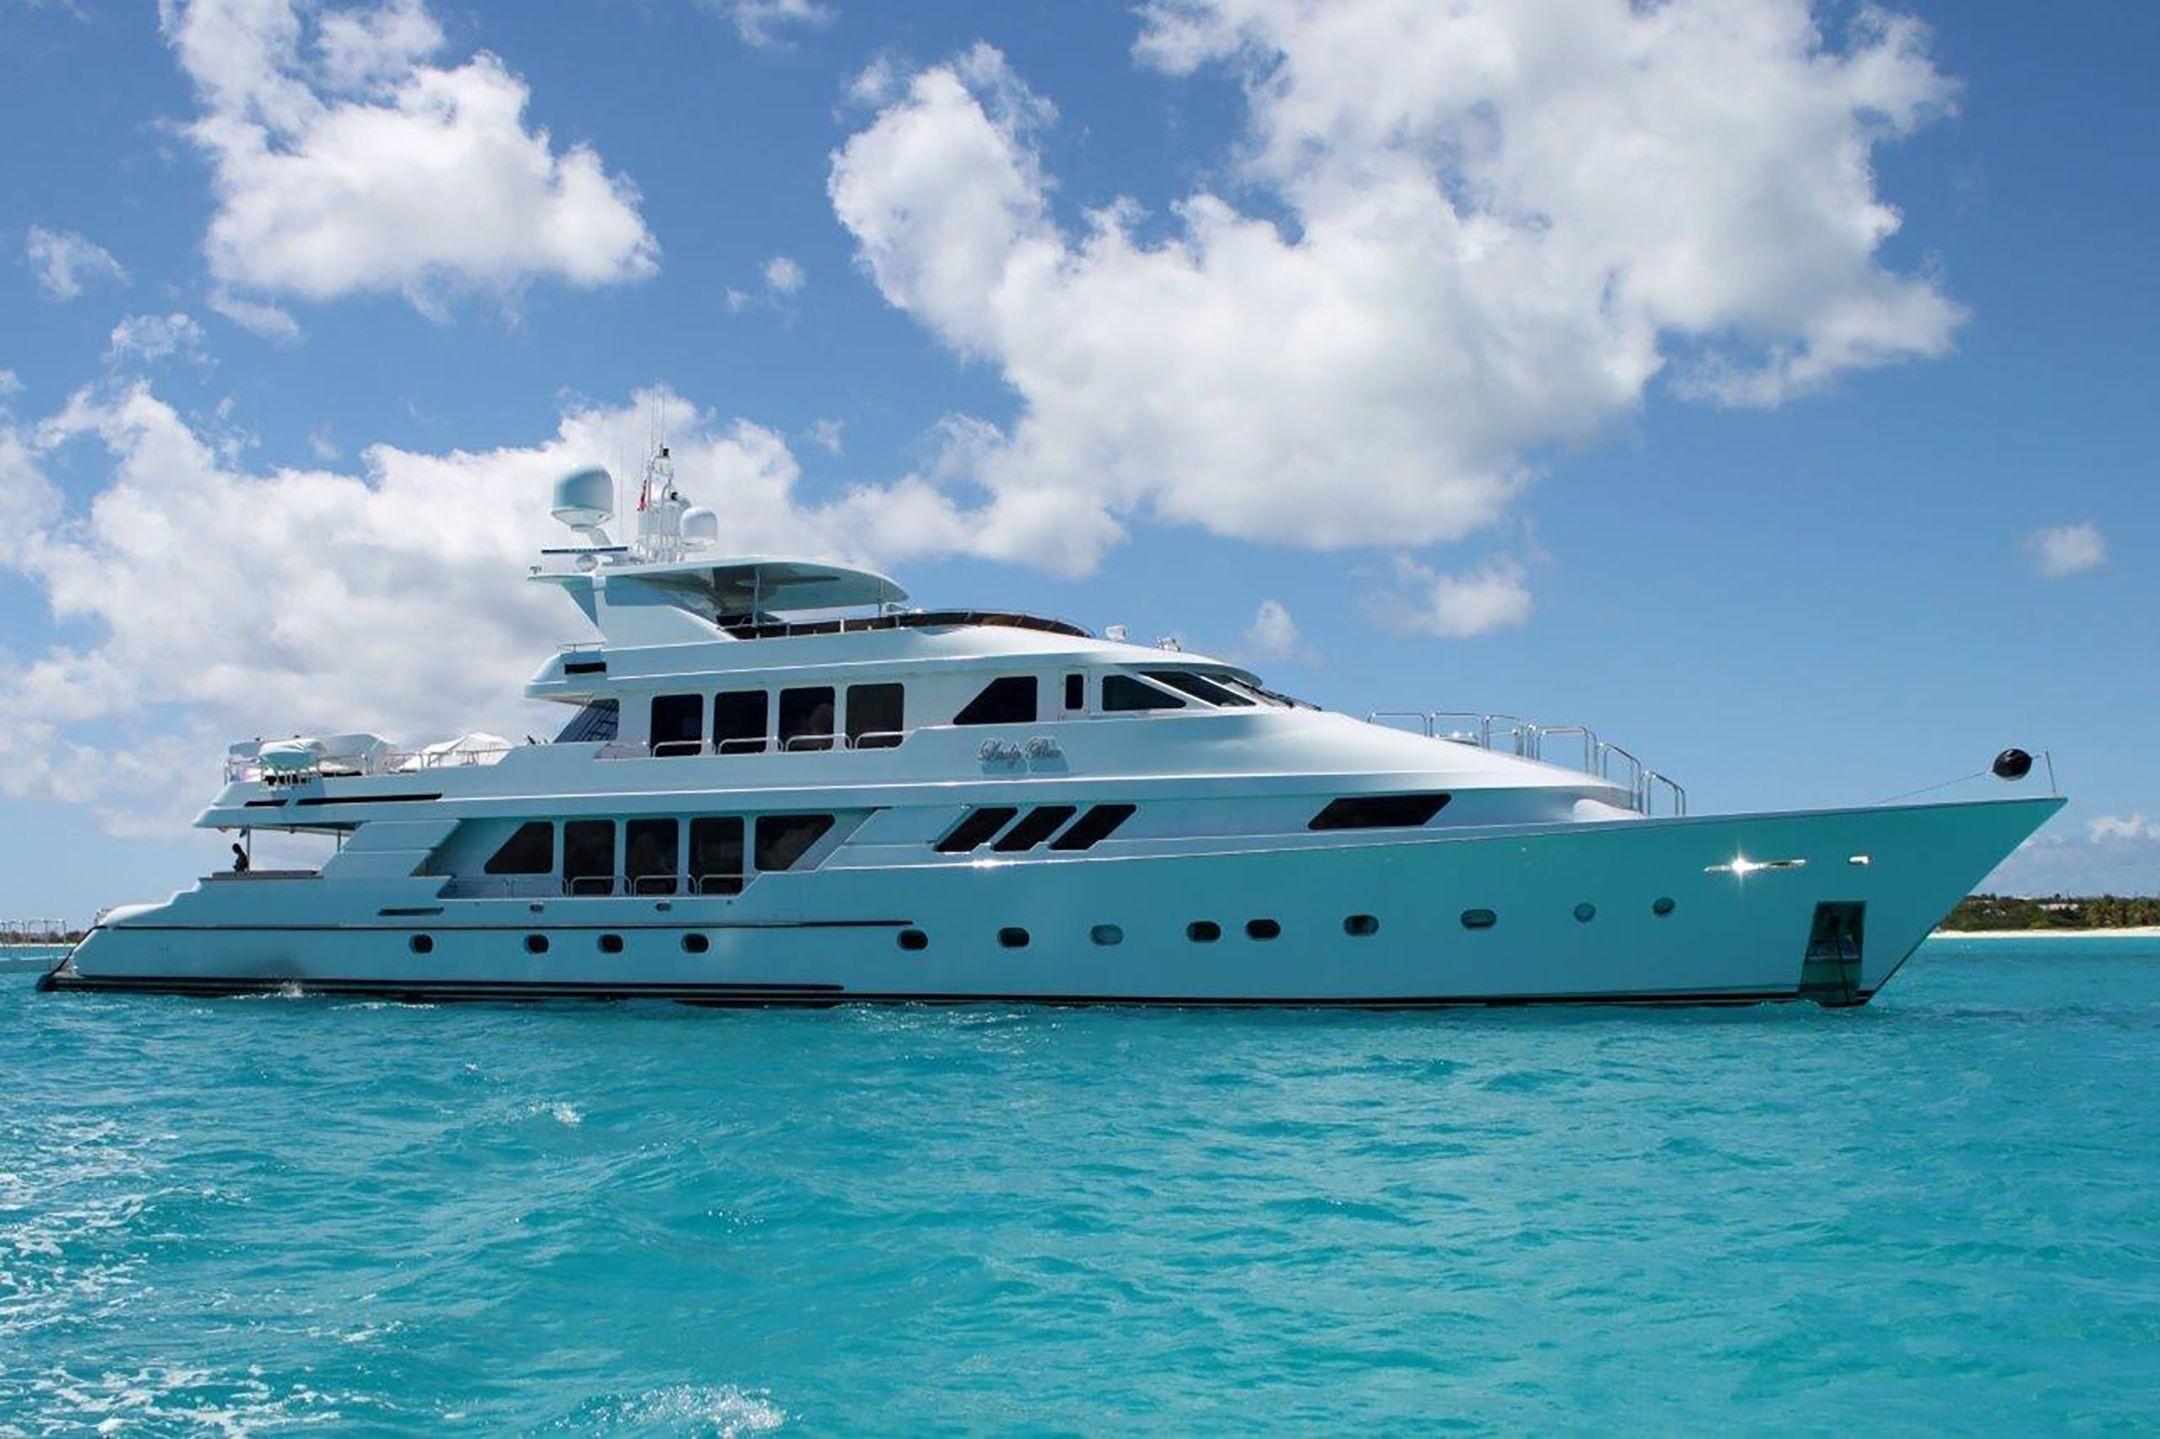 LADY BEE Yacht Charter Details Christensen CHARTERWORLD